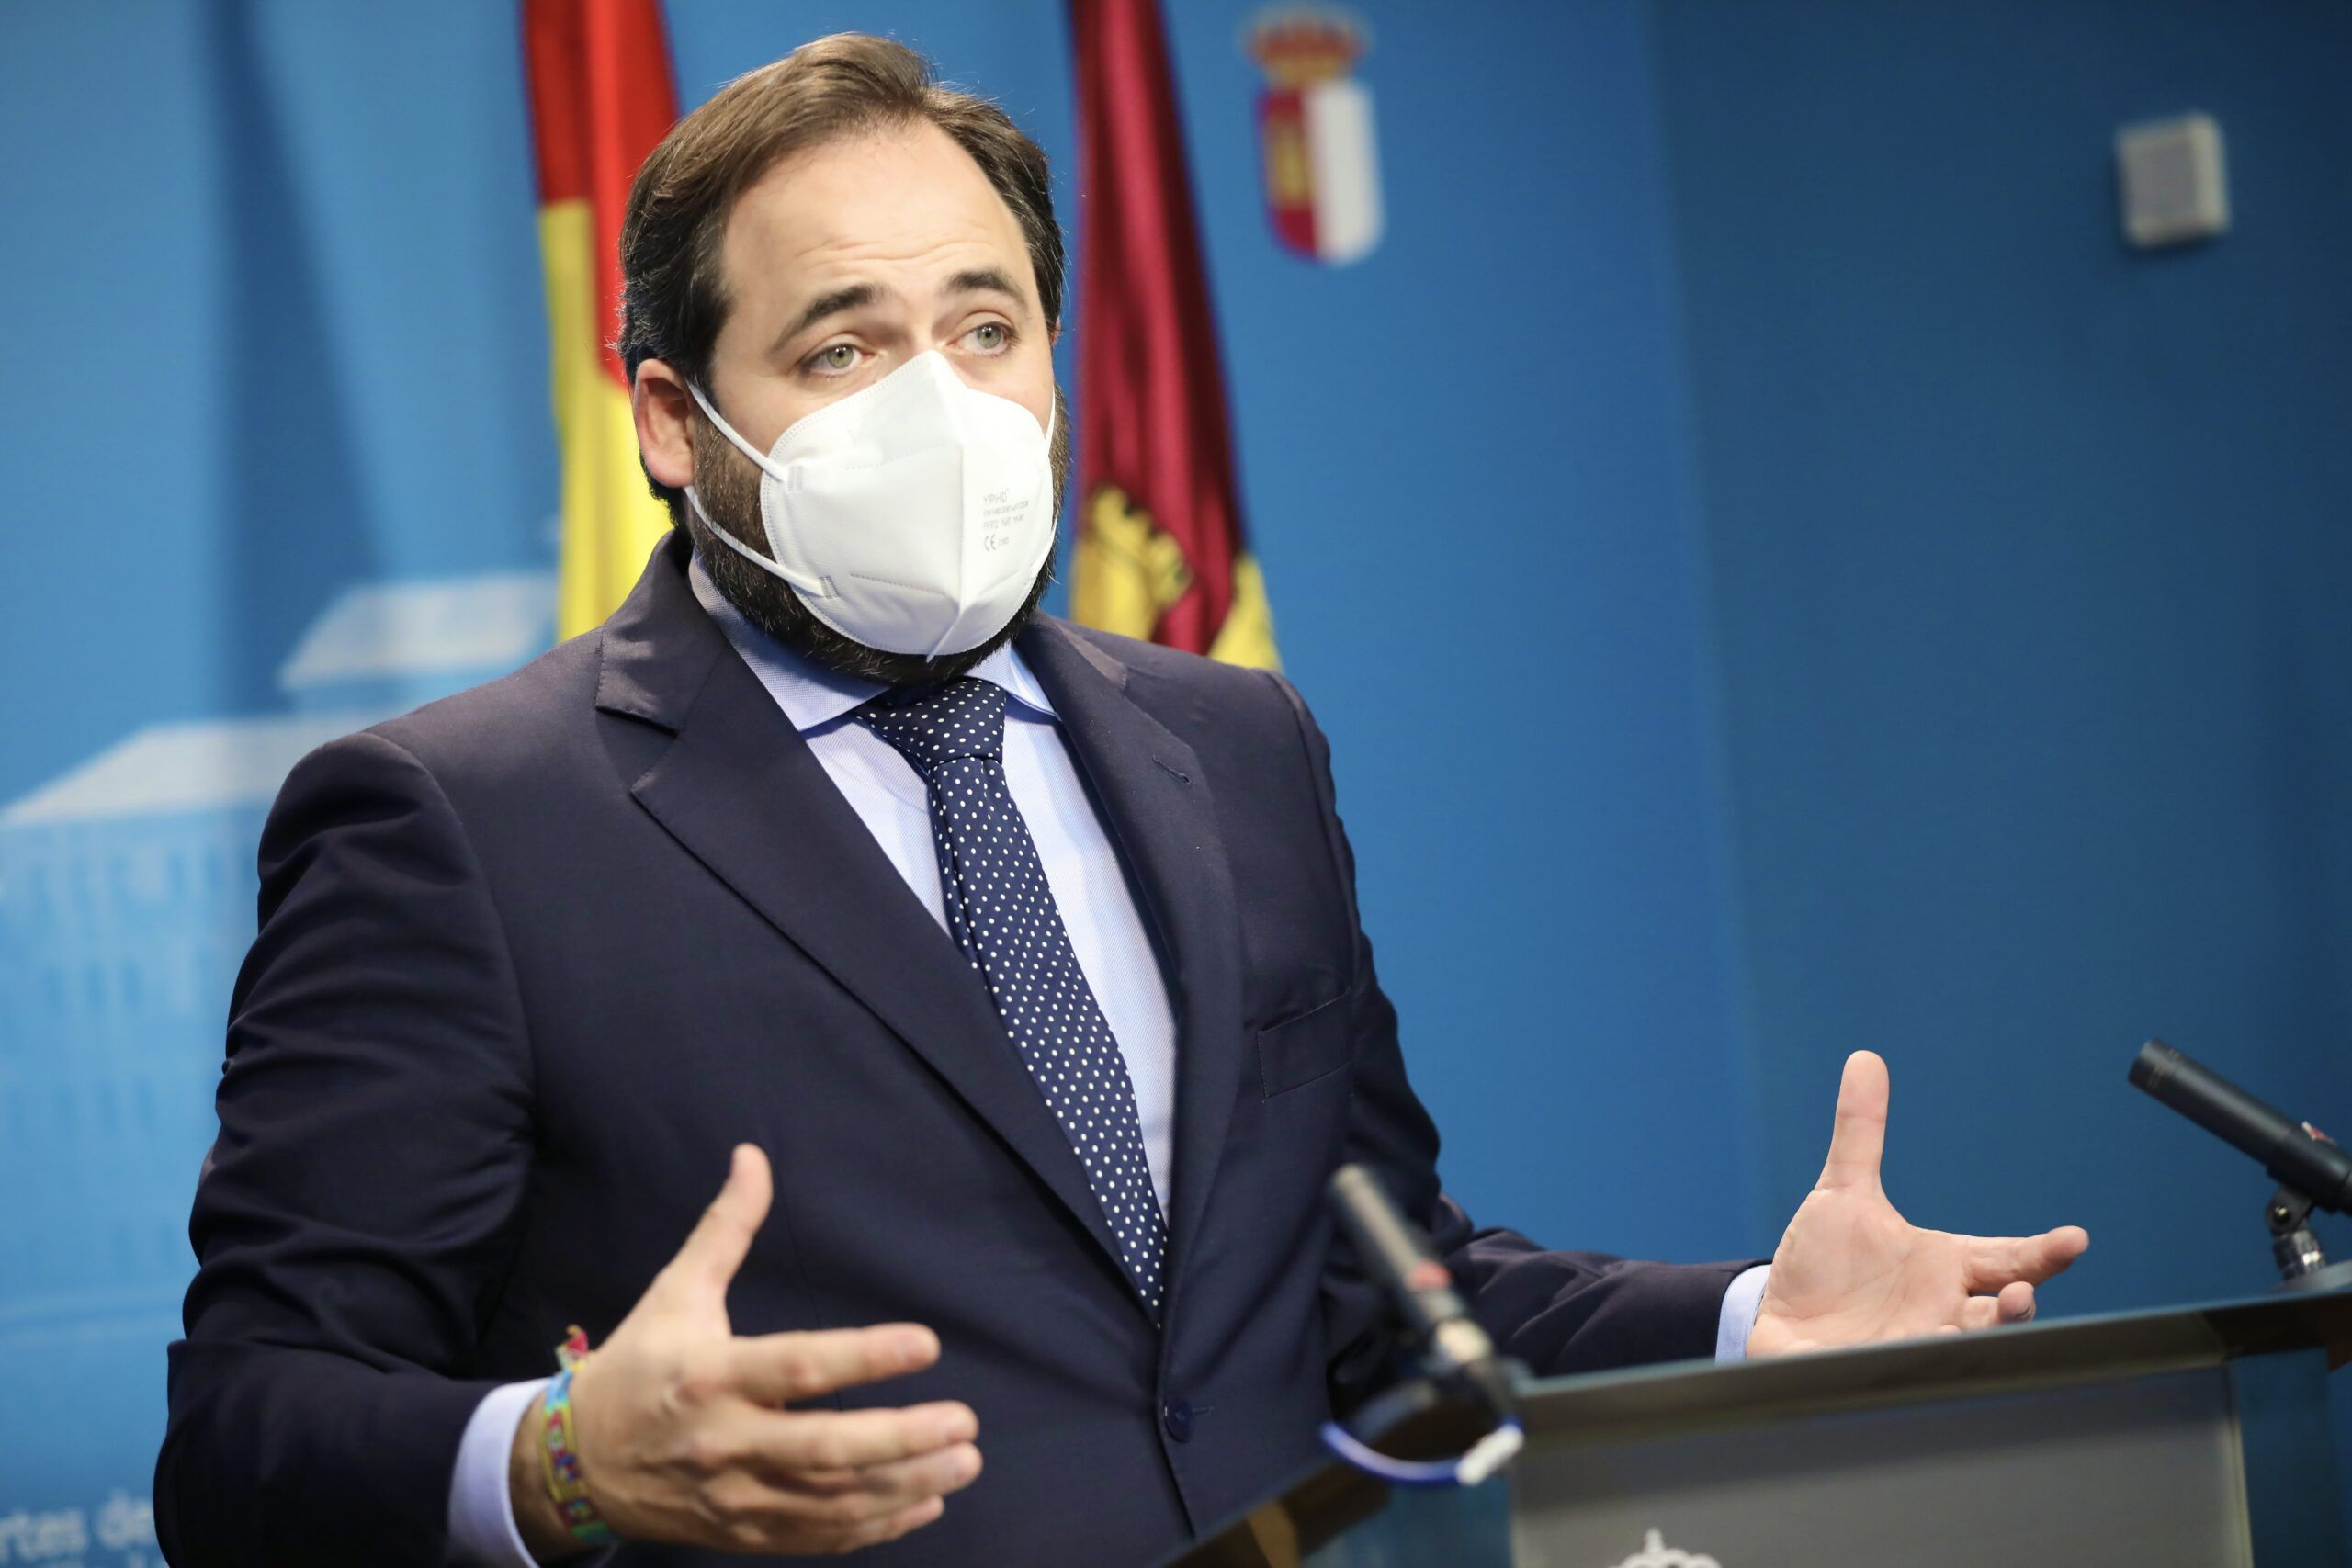 Núñez reta a Page a que los parlamentarios de PP y PSOE firmen un documento conjunto contra los indultos a los independentistas catalanes